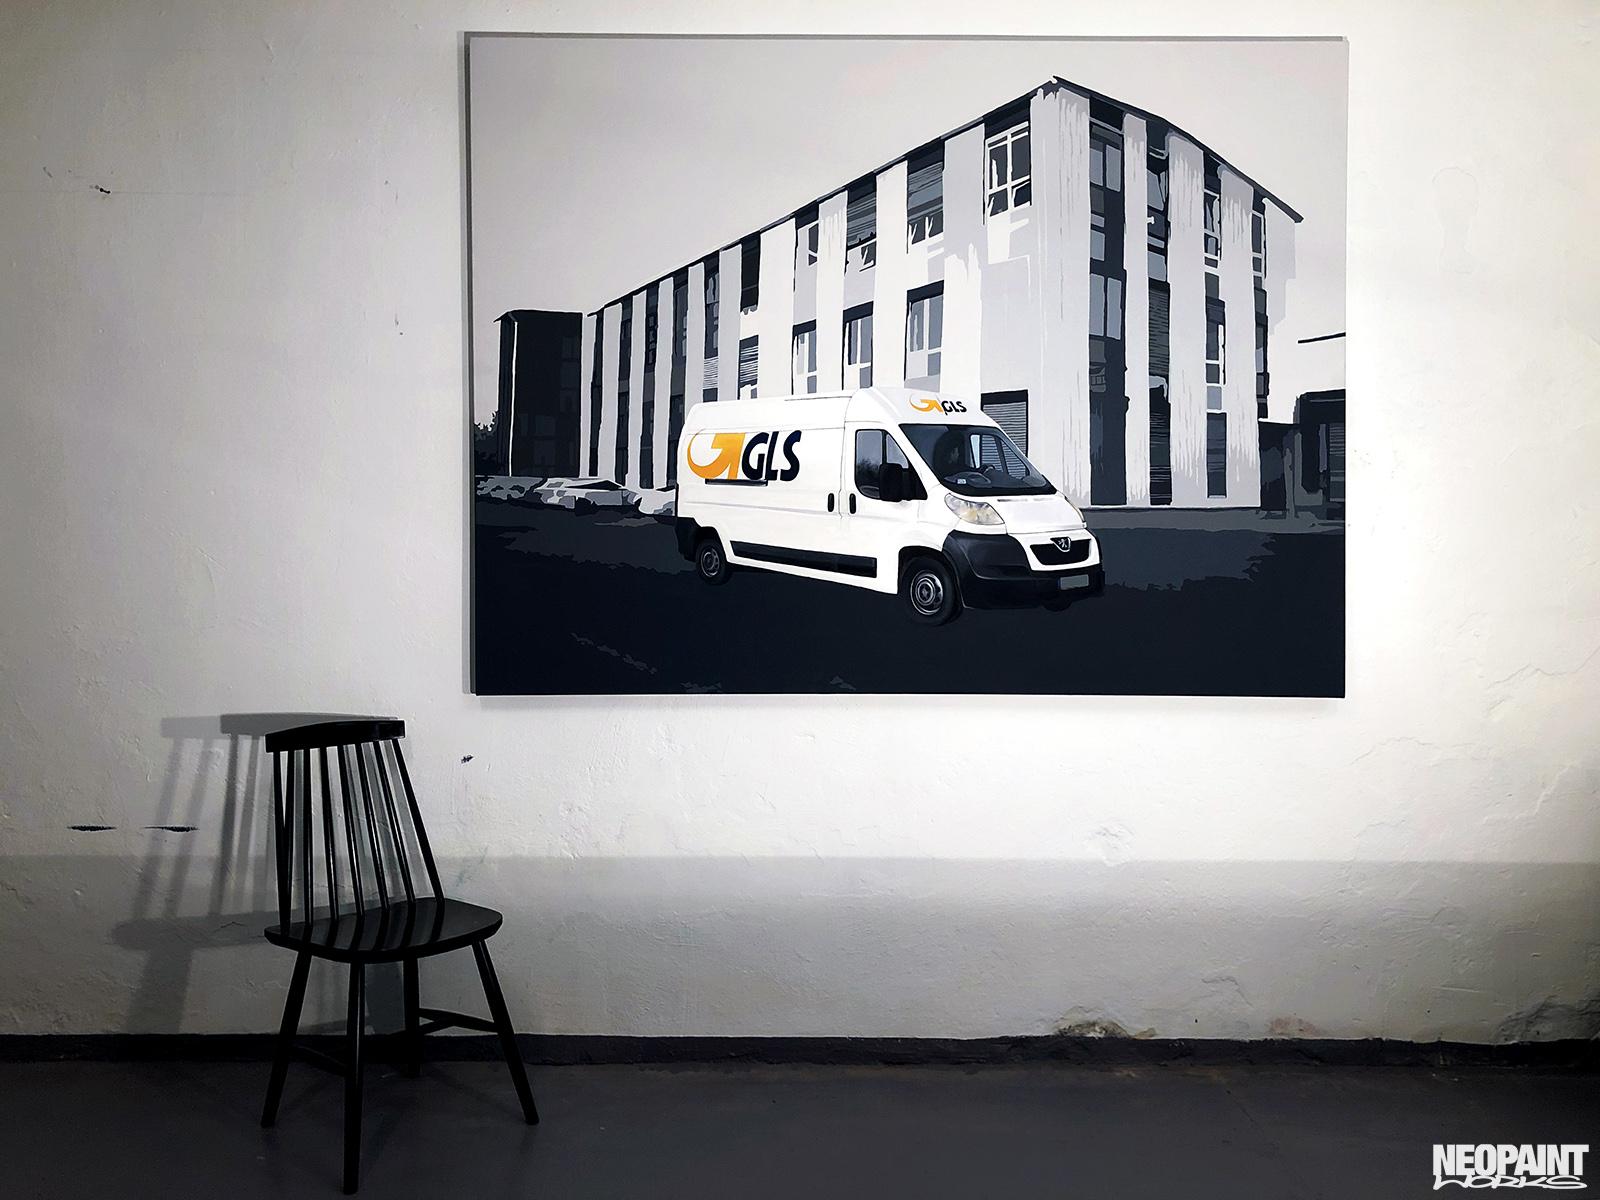 dekorációs falfestés - festmény - neopaint - works (1)